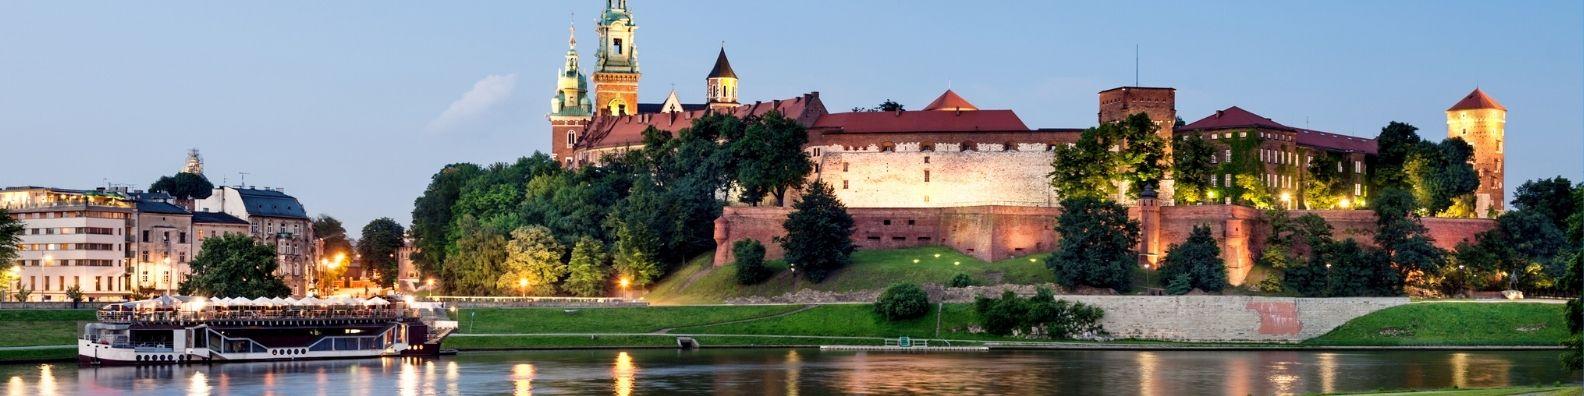 Czy opłaca się kupić mieszkanie na wynajem w Krakowie?